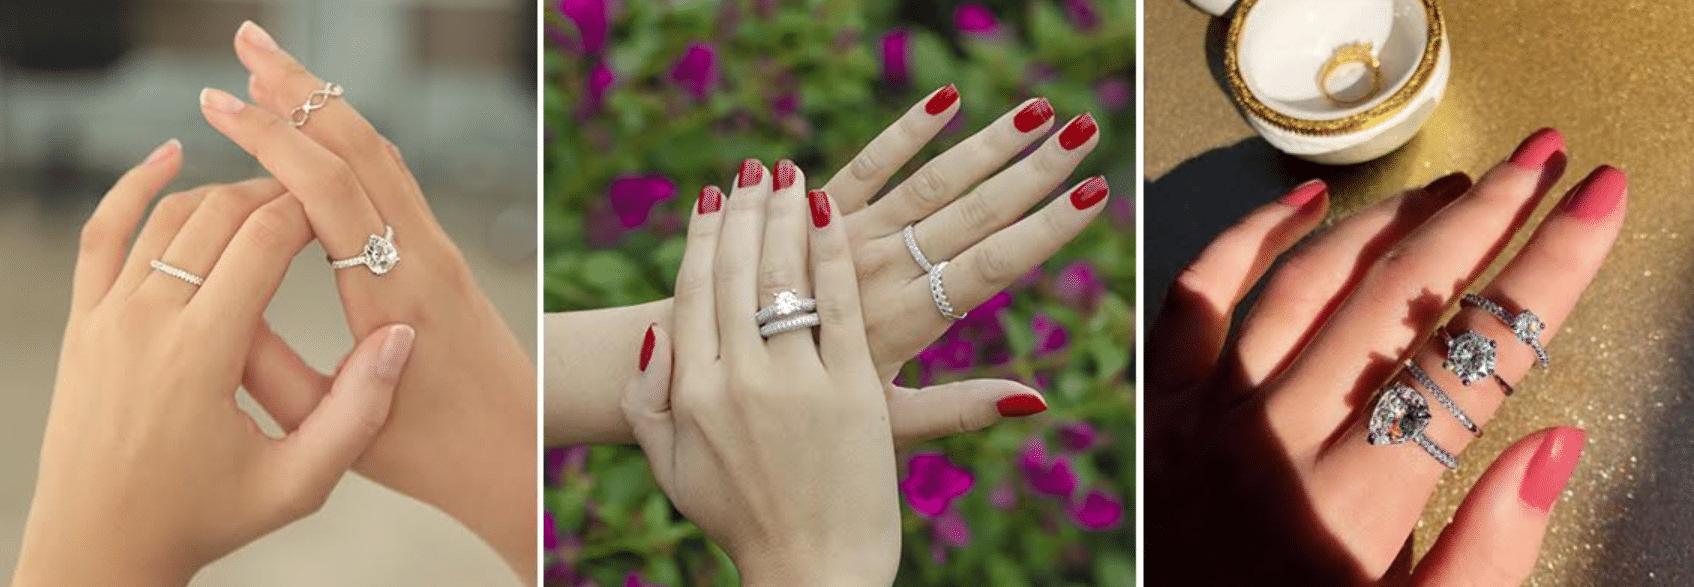 três imagens de mãos femininas com as unhas pintadas usando anel aparador